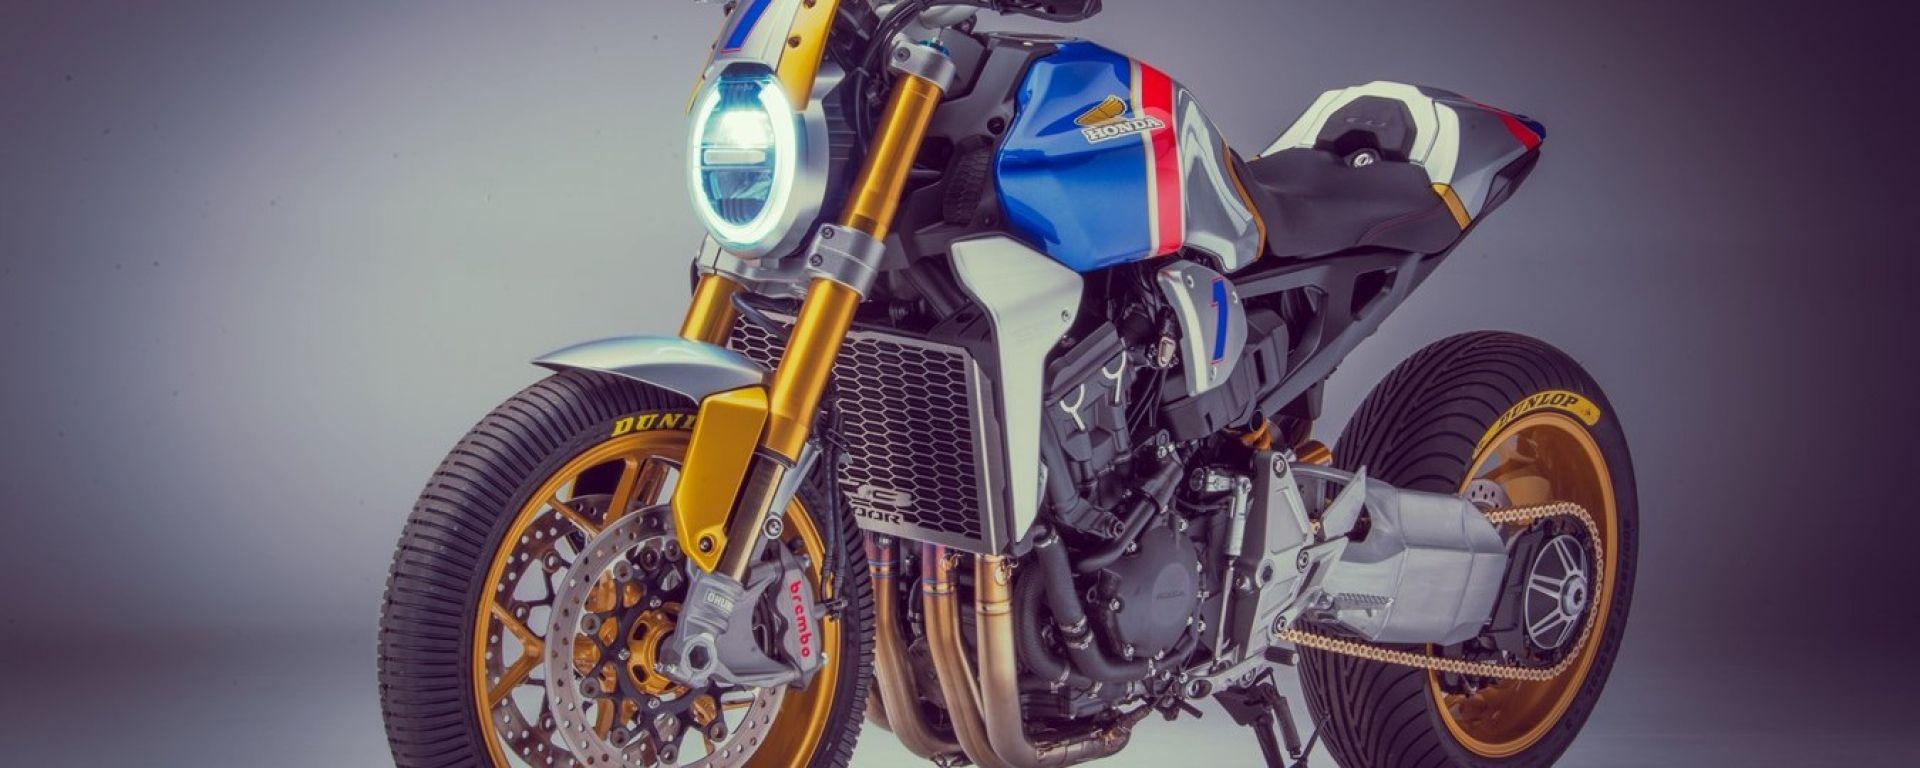 Honda CB1000R: una versione speciale a Glemsek 101